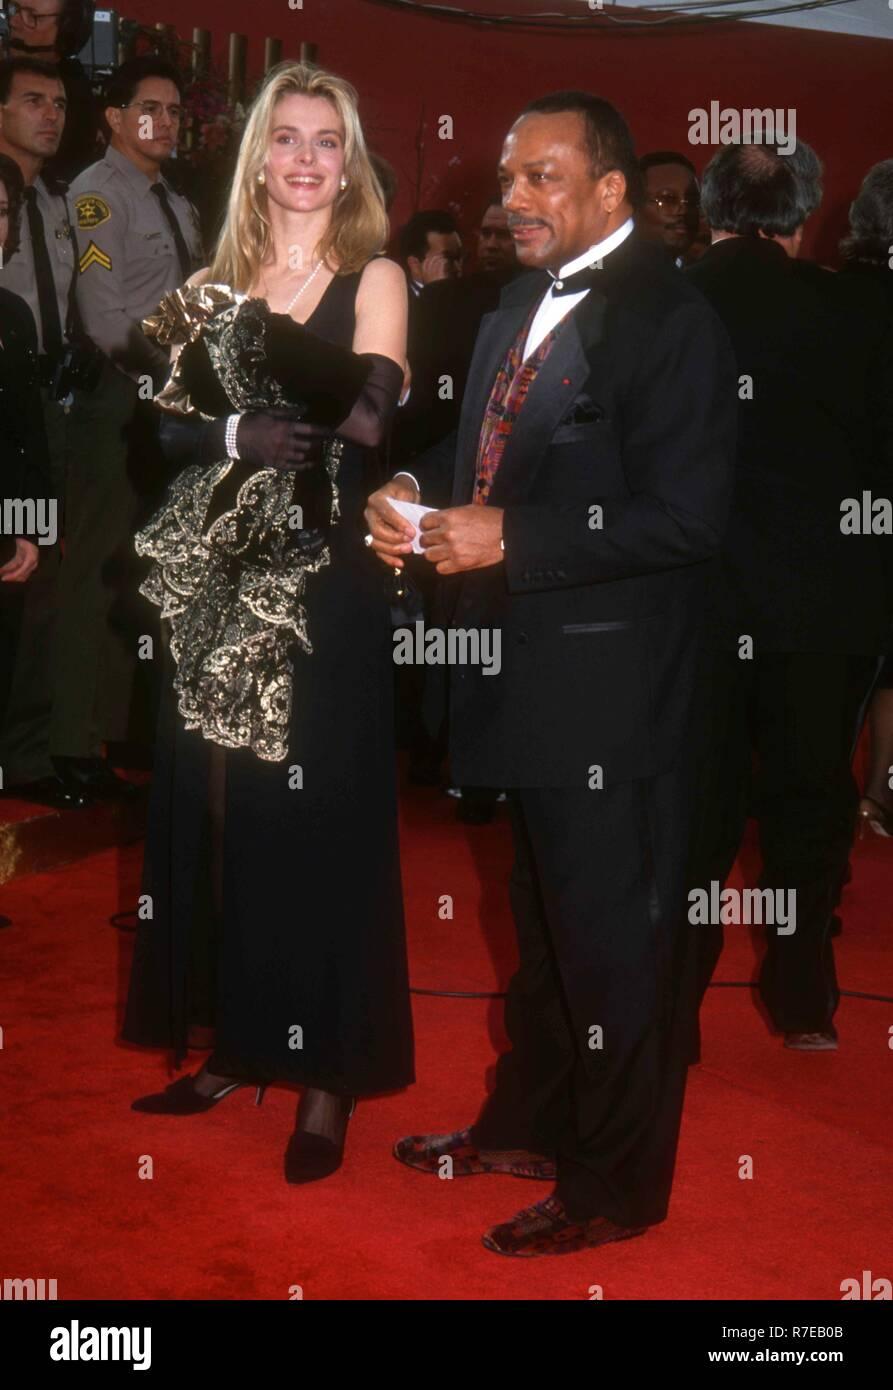 Quincy Jones And Nastassja Kinski Stock Photos & Quincy ...